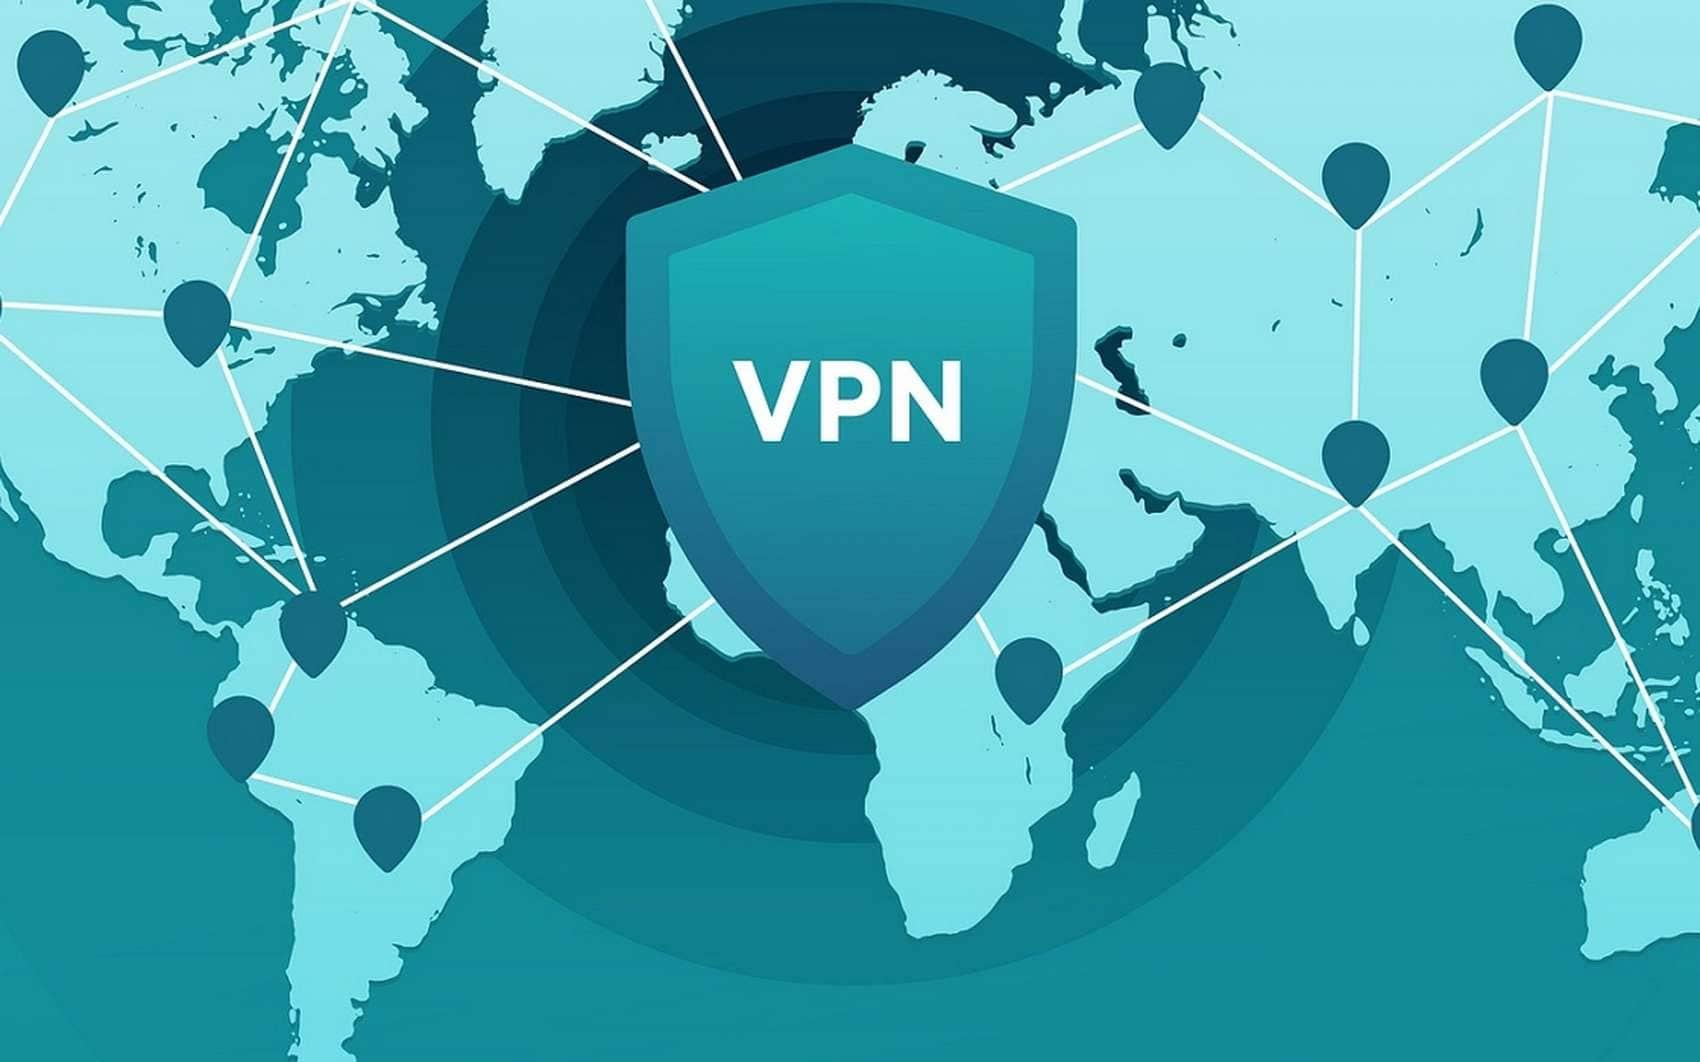 vpn_safety